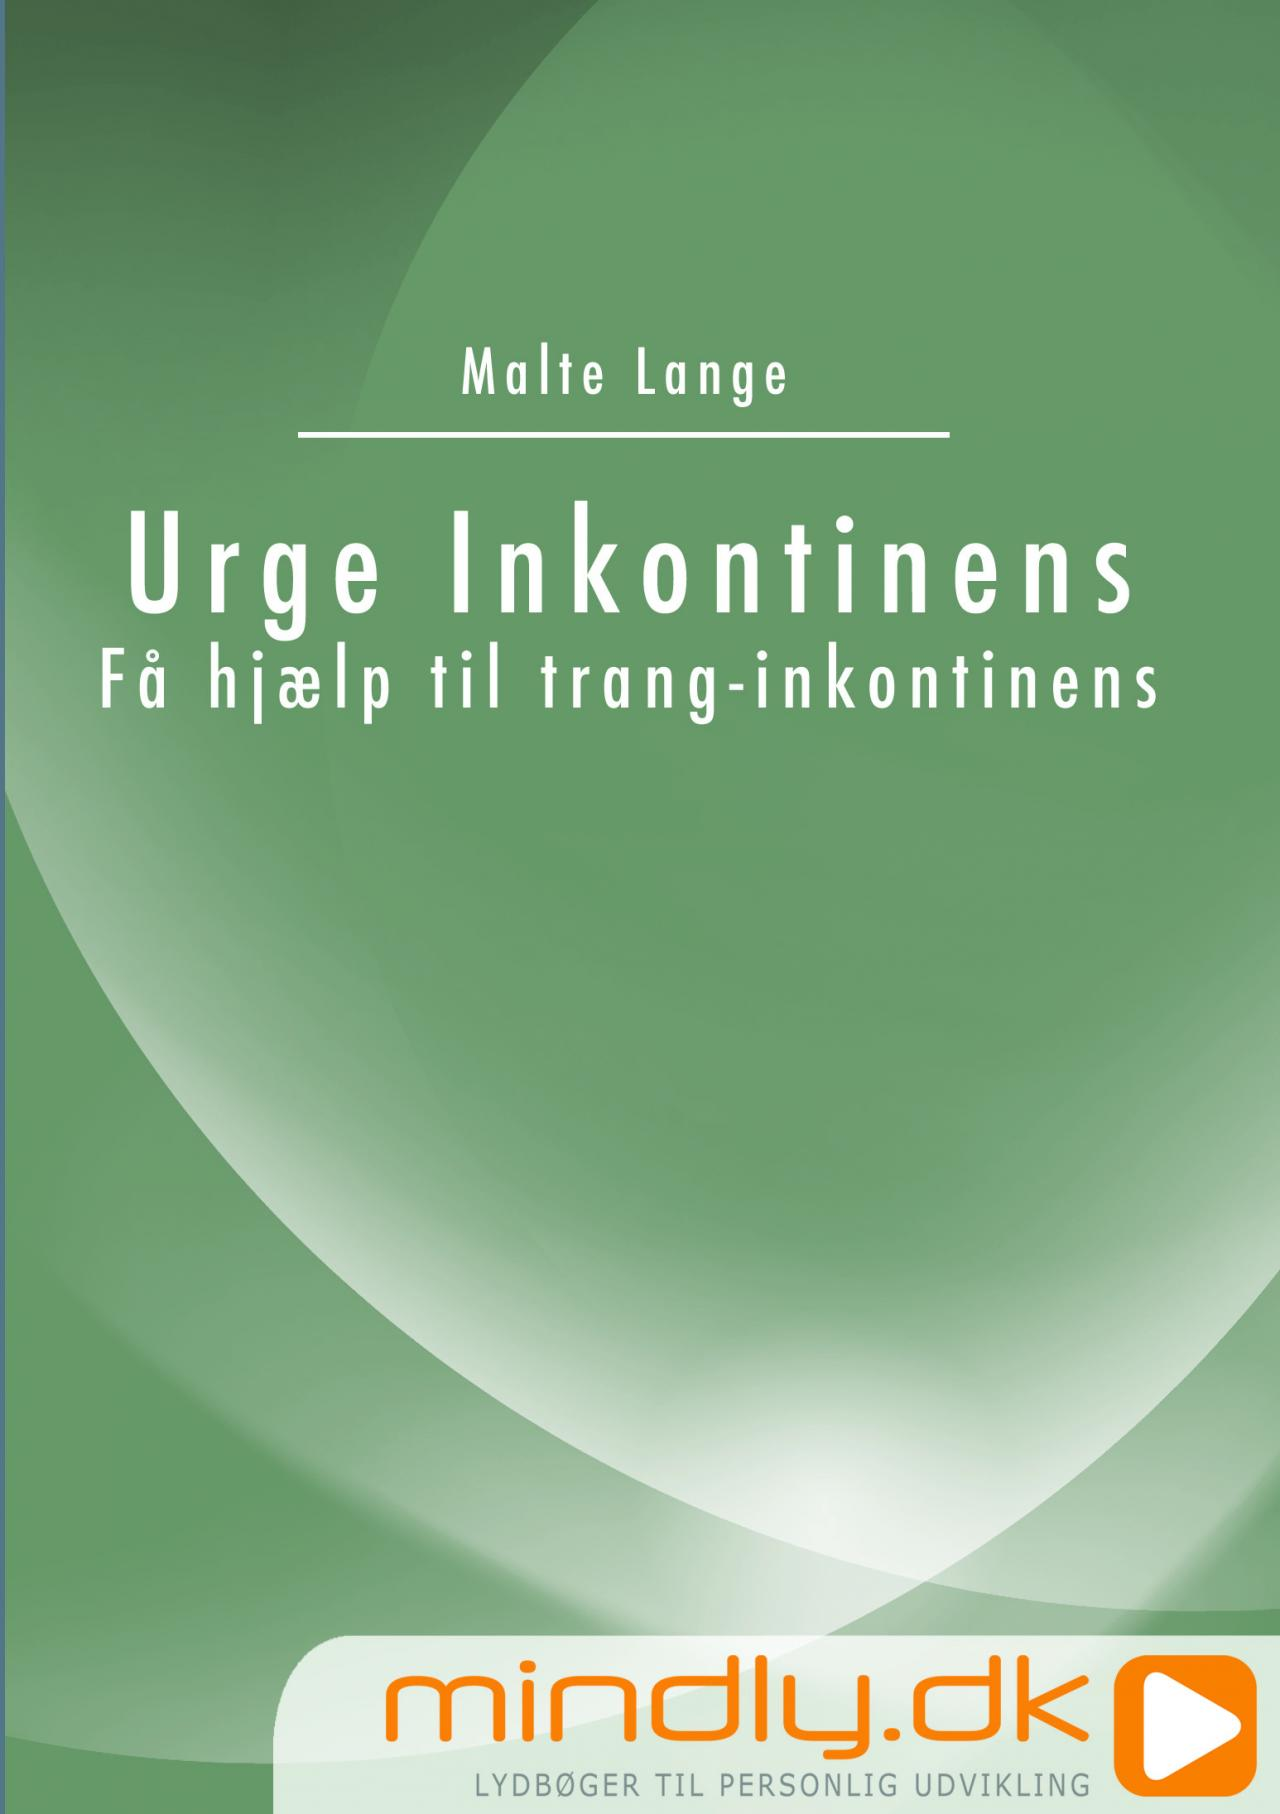 N/A Urge inkontinens - få hjælp til trang-inkontinens på mindly.dk